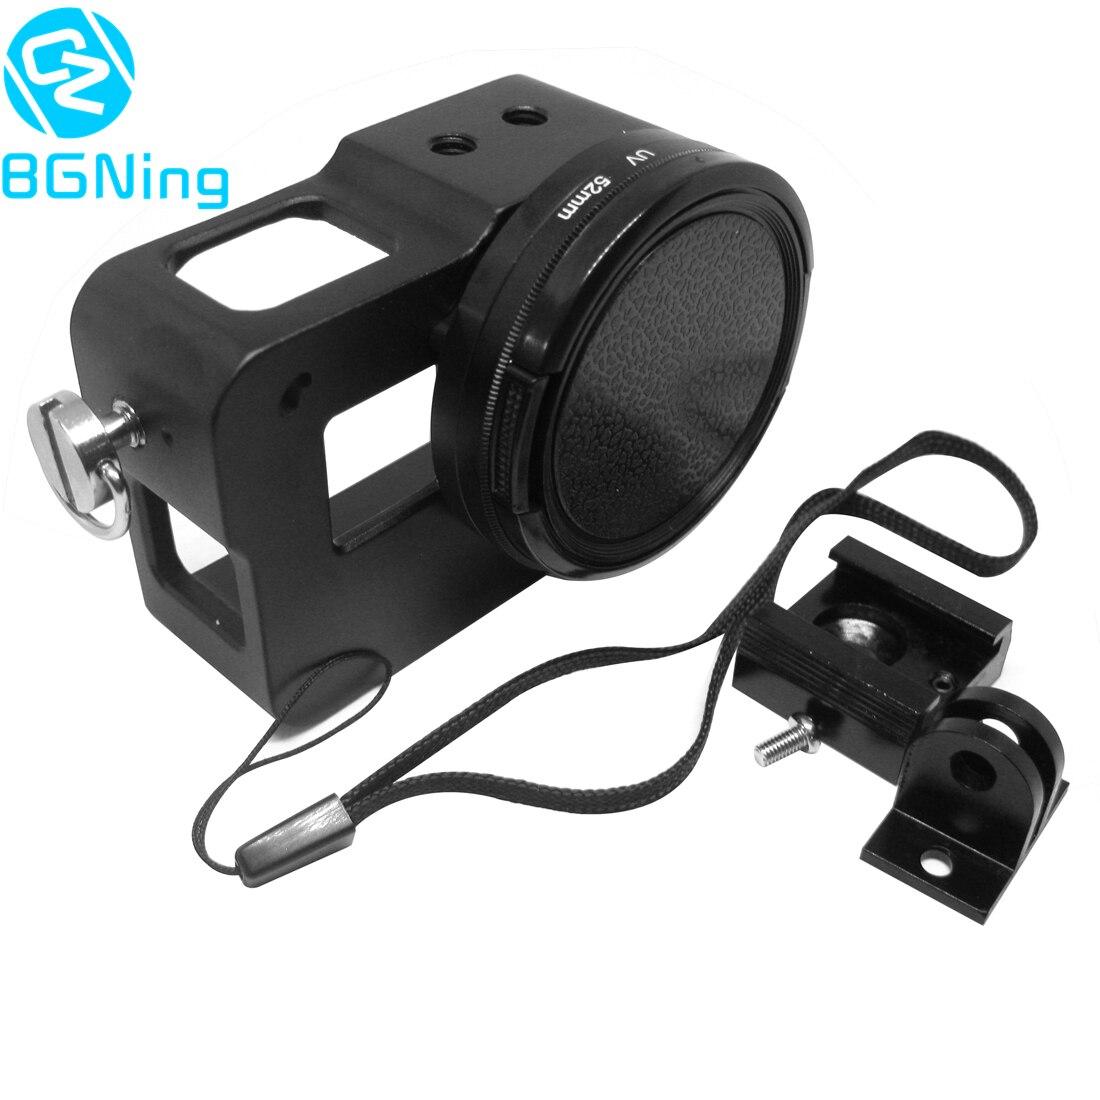 Jaula Protectora Accesorios de aleación de aluminio con cubierta trasera para GoPro Hero 7 6 5